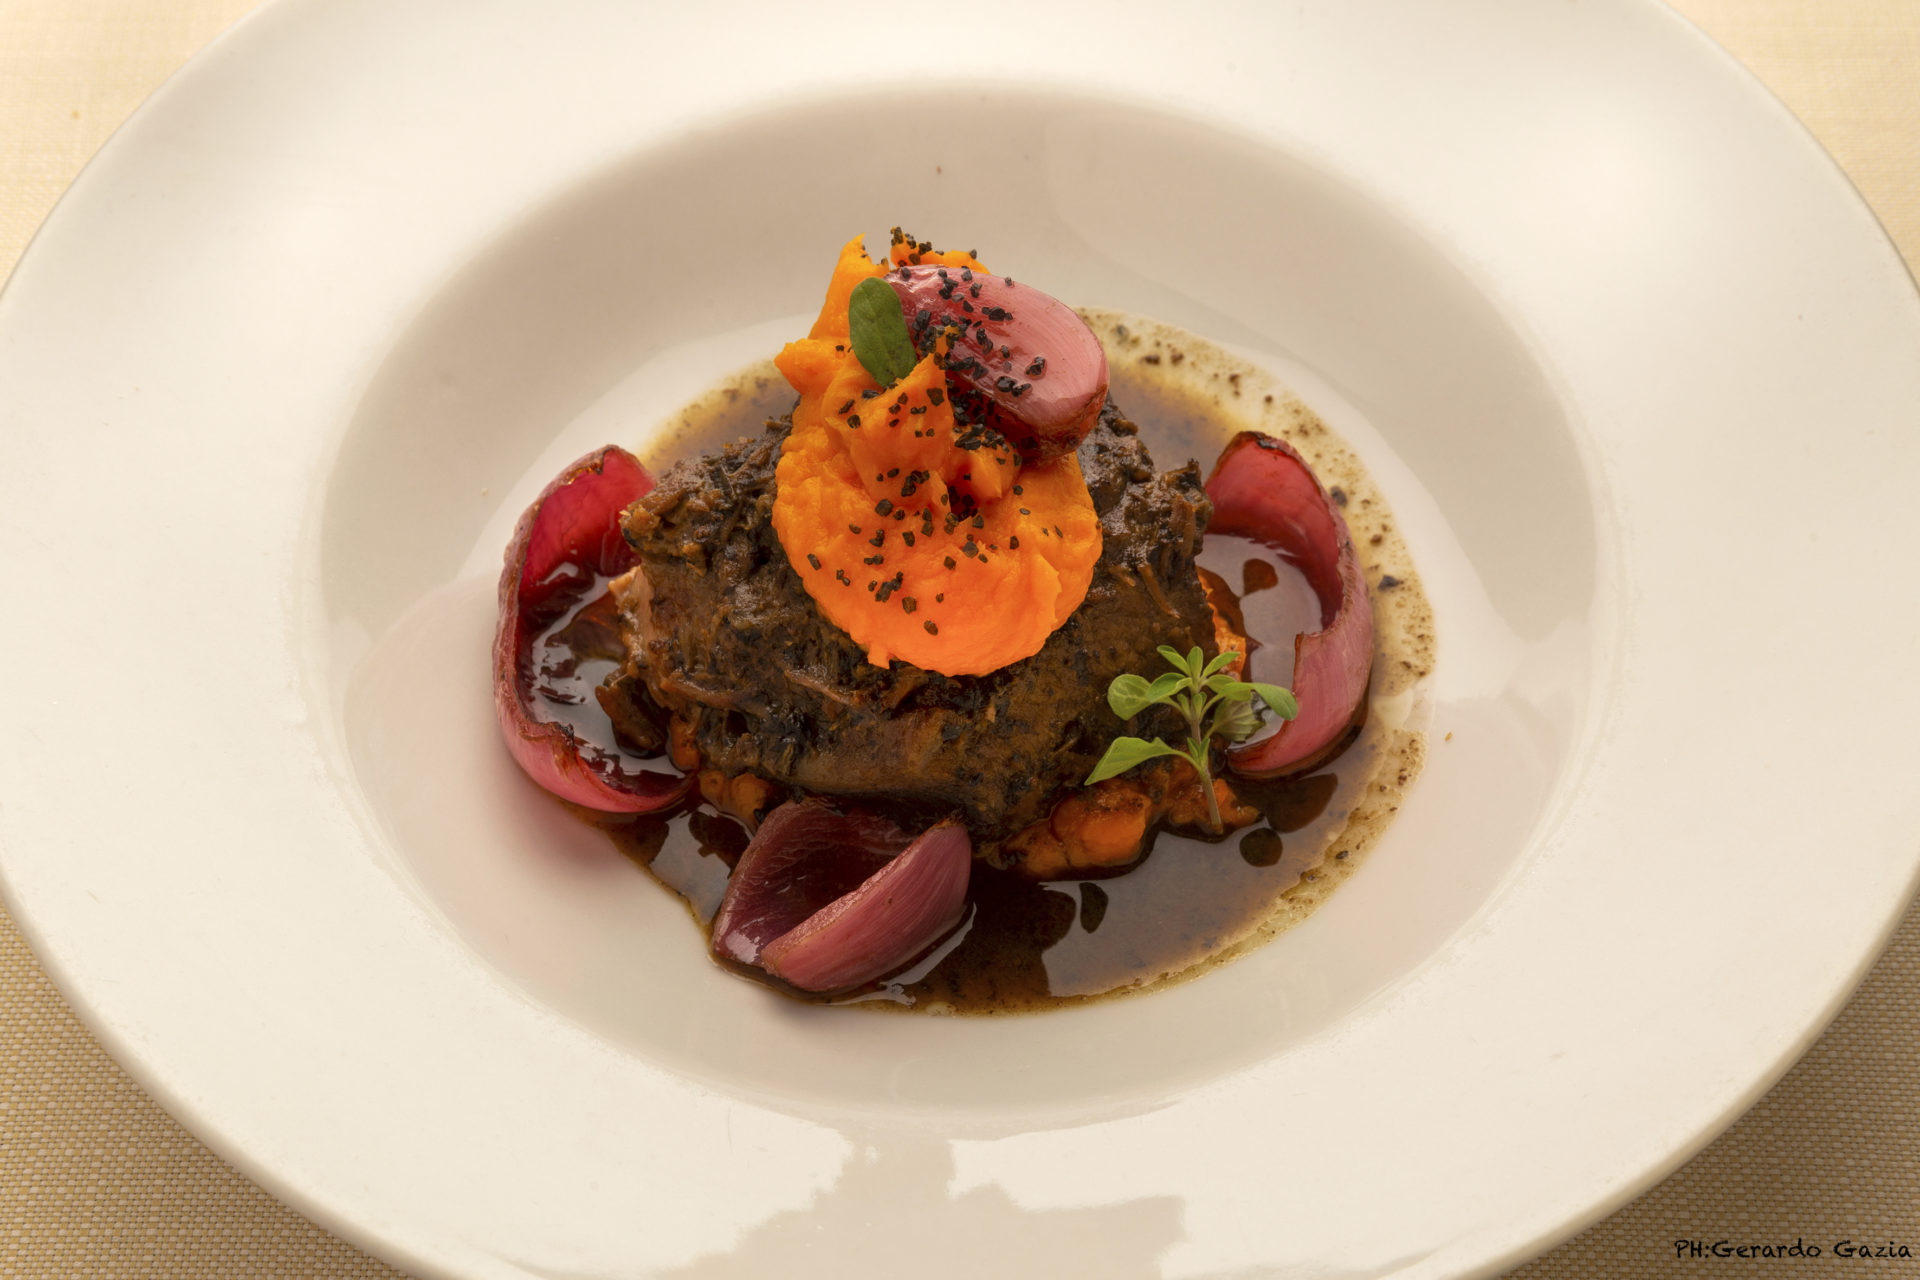 Guancia di vitello brasato servita nel suo fondo quenelle di patata dolce e cipoll rossa cotta ai profumi di stagione Stagionale 1 - Olio Restaurant